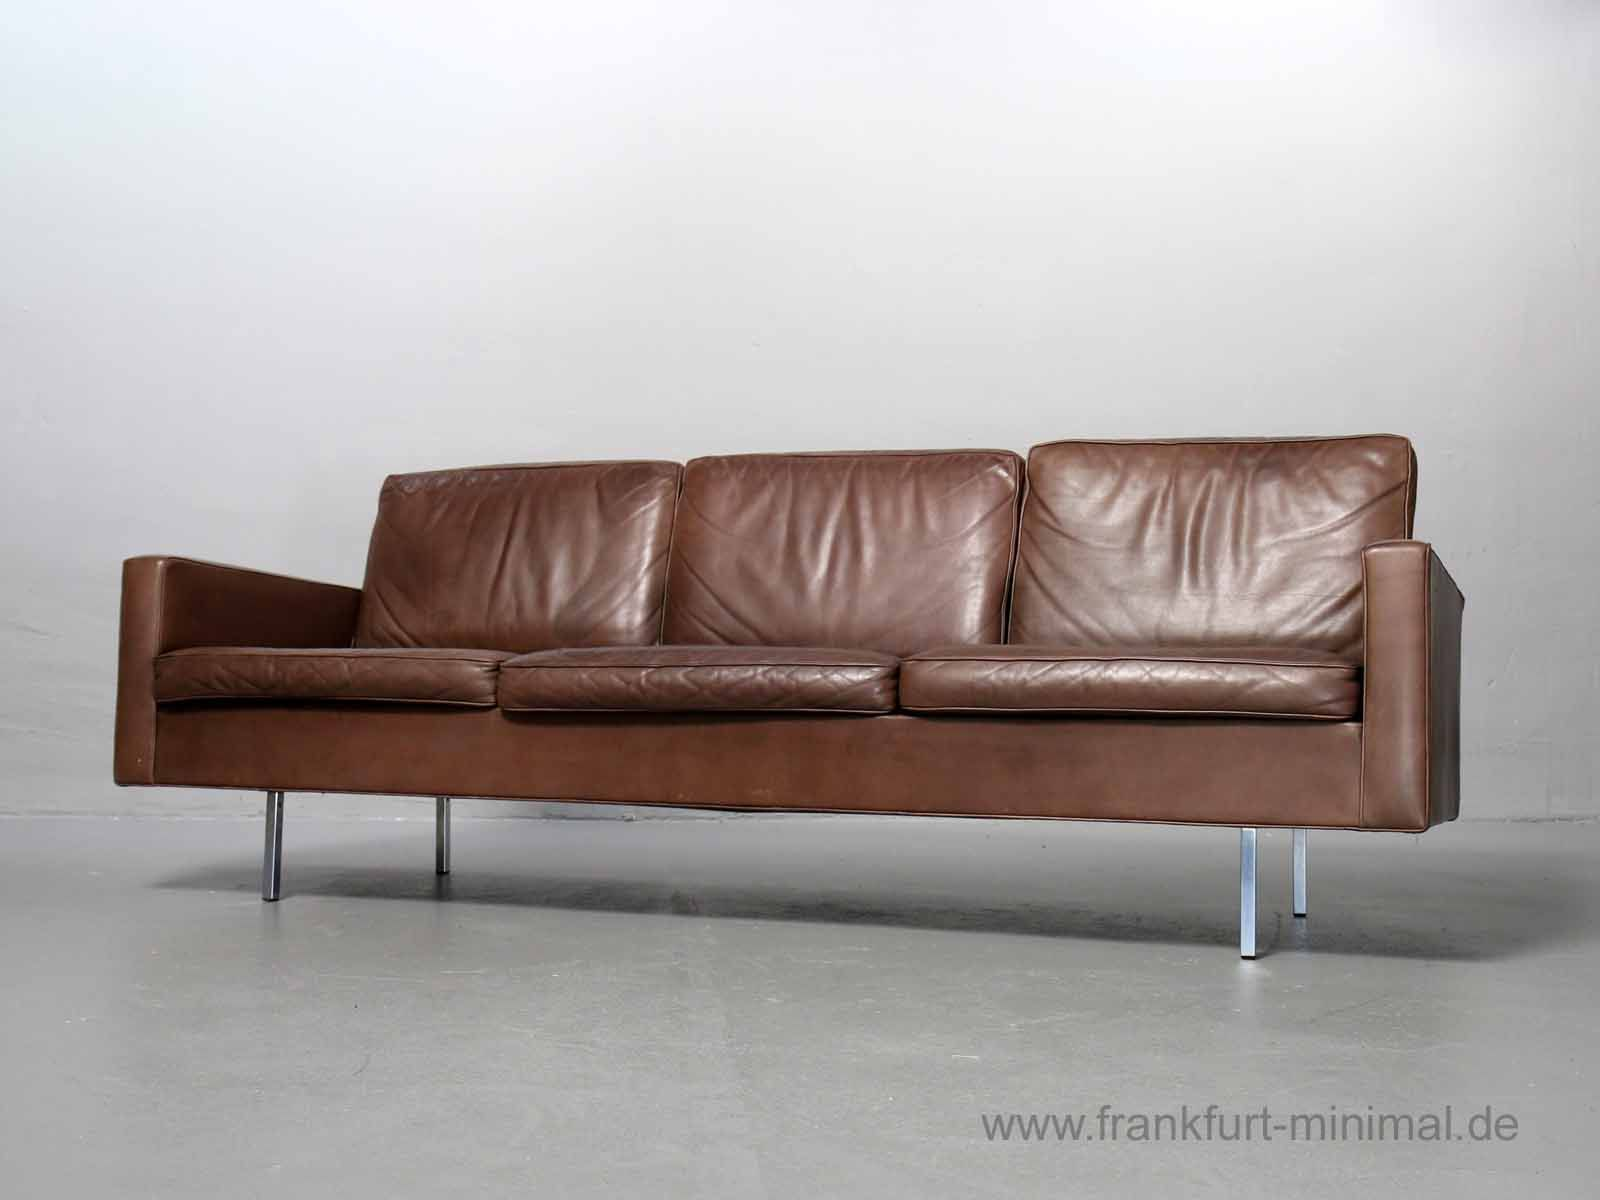 Florence Knoll 3 Sitzer Sofa 25 Bc Leder Braun Vintage Sessel Designklassiker Designklassiker Vintage Sessel